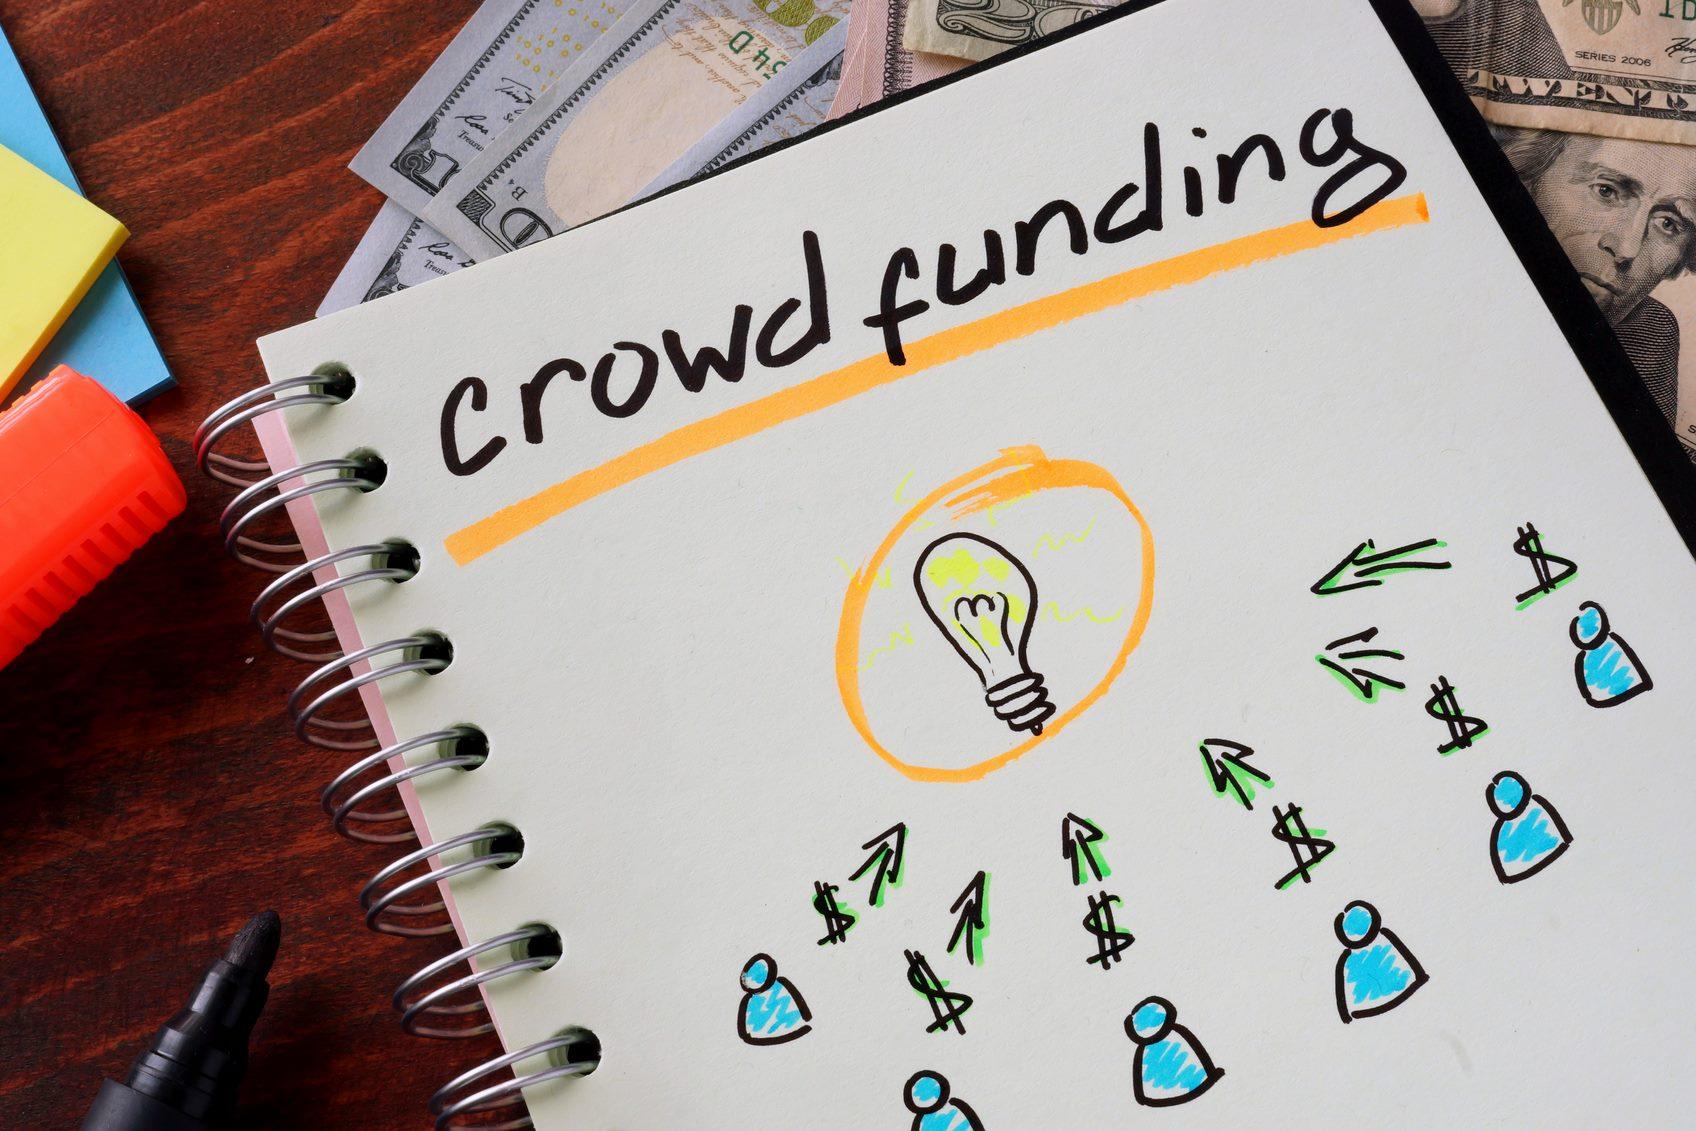 Financiamento coletivo ajuda a tirar do papel projetos transformadores